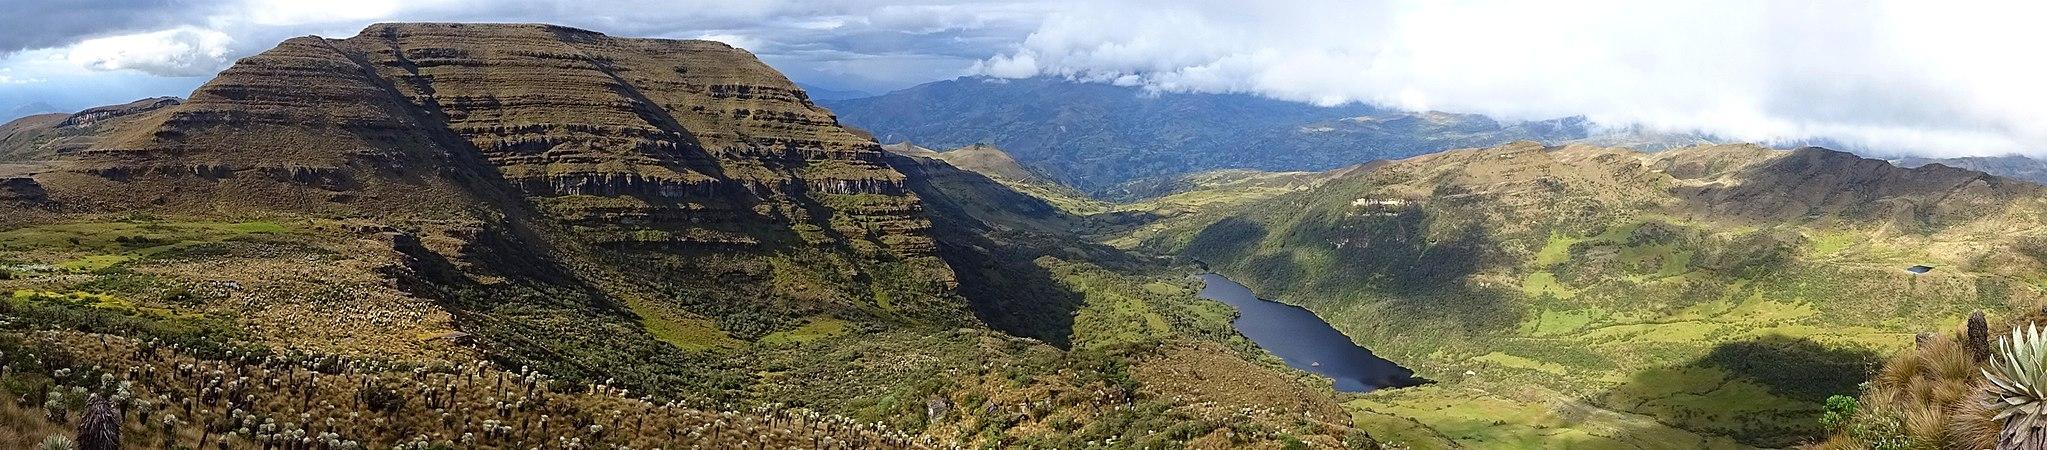 Panorama Cerro de Águilas & Laguna Negra - Páramo de Ocetá.jpg